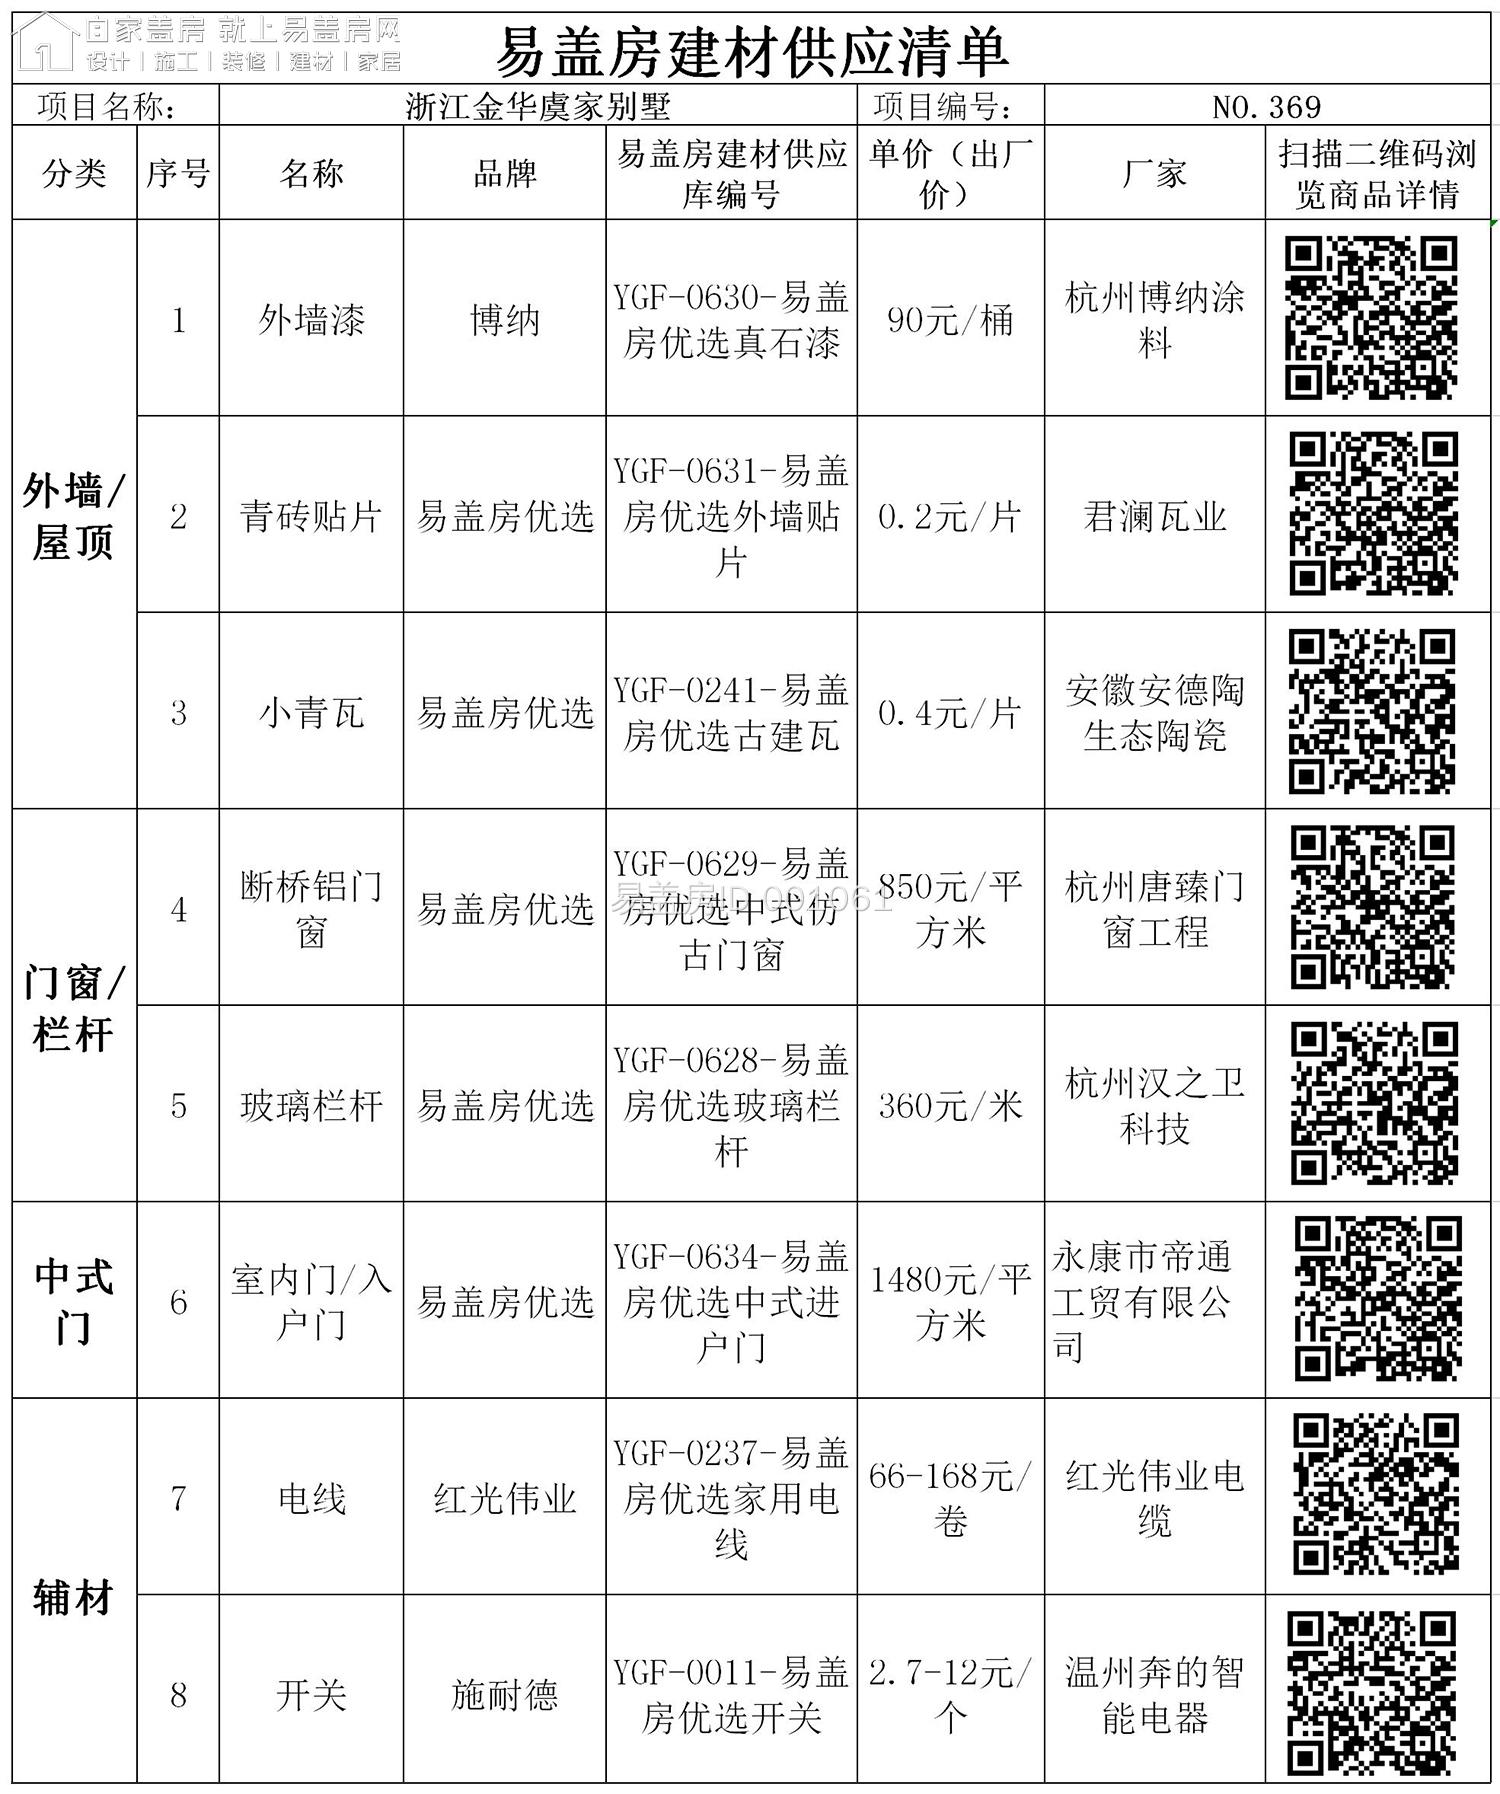 易盖房建材供应清单-浙江金华虞浩伟(1).jpg